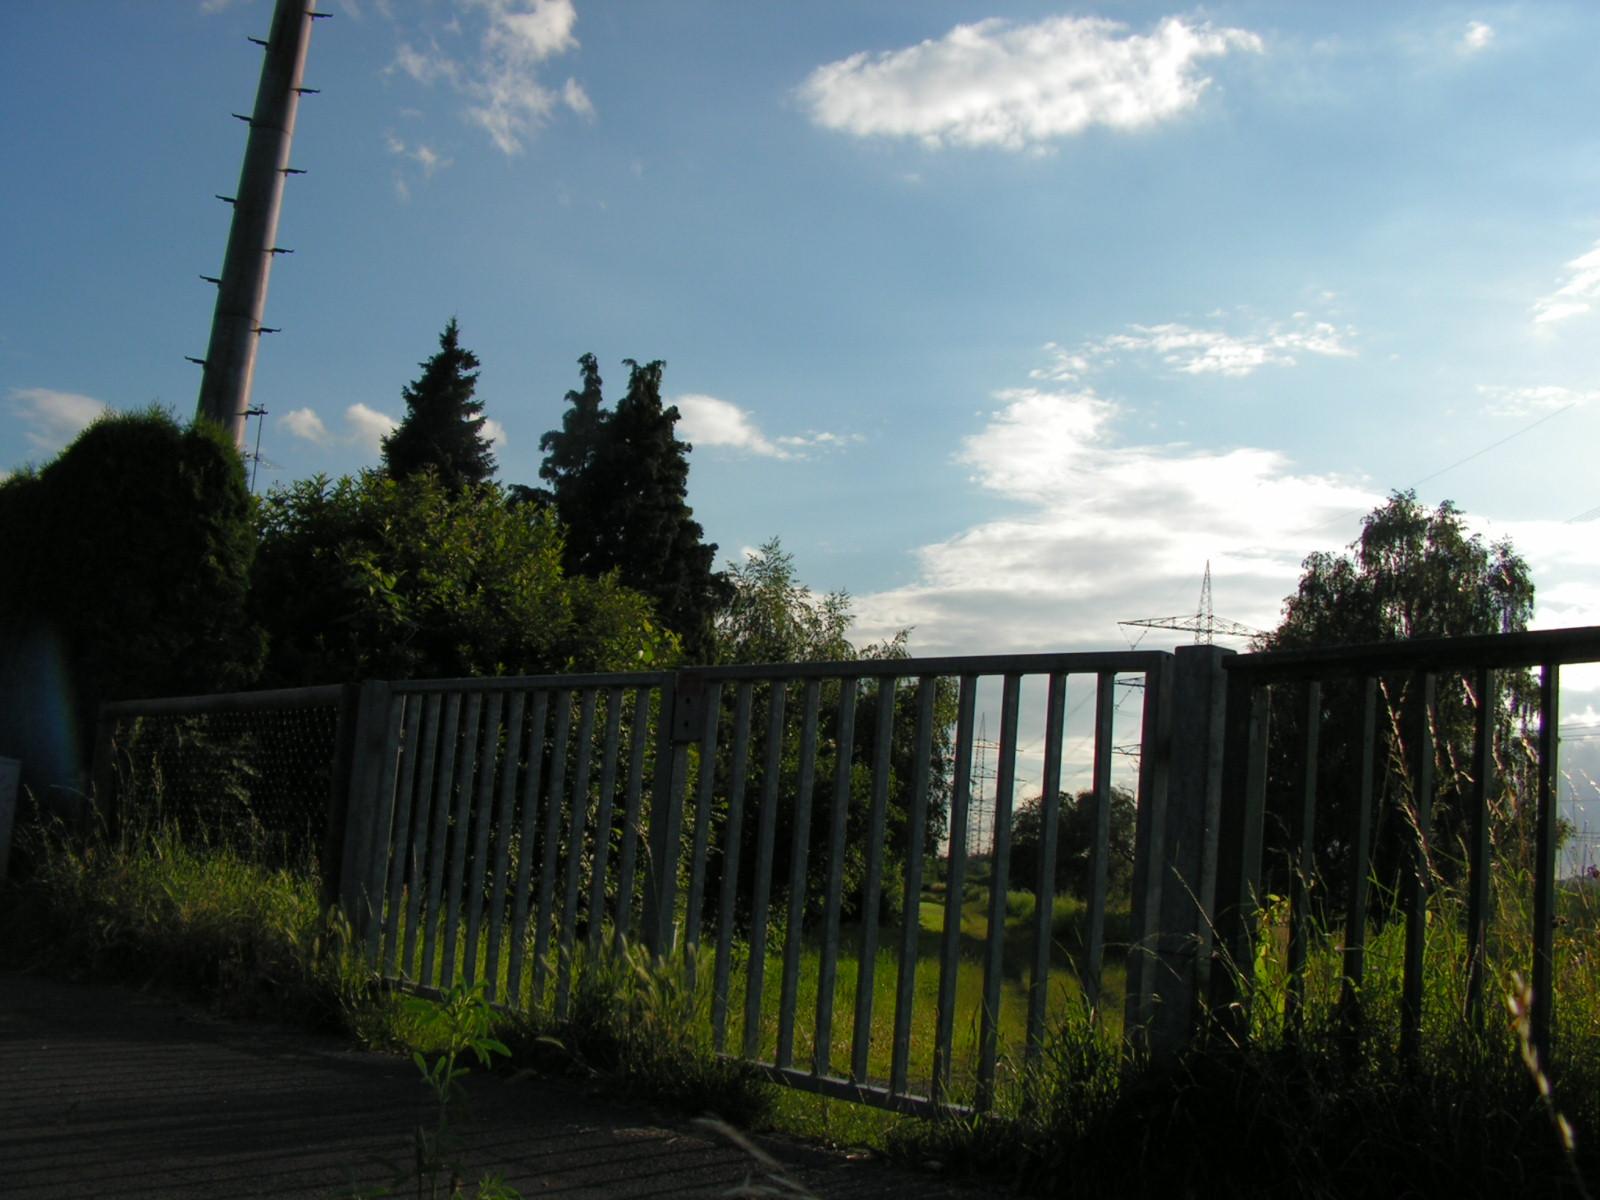 Betriebsweg der Emschergenossenschaft am Grotenbach in Dortmund-Persebeck, Blick in Richtung Westen/Witten. (Foto: Peter Maier)